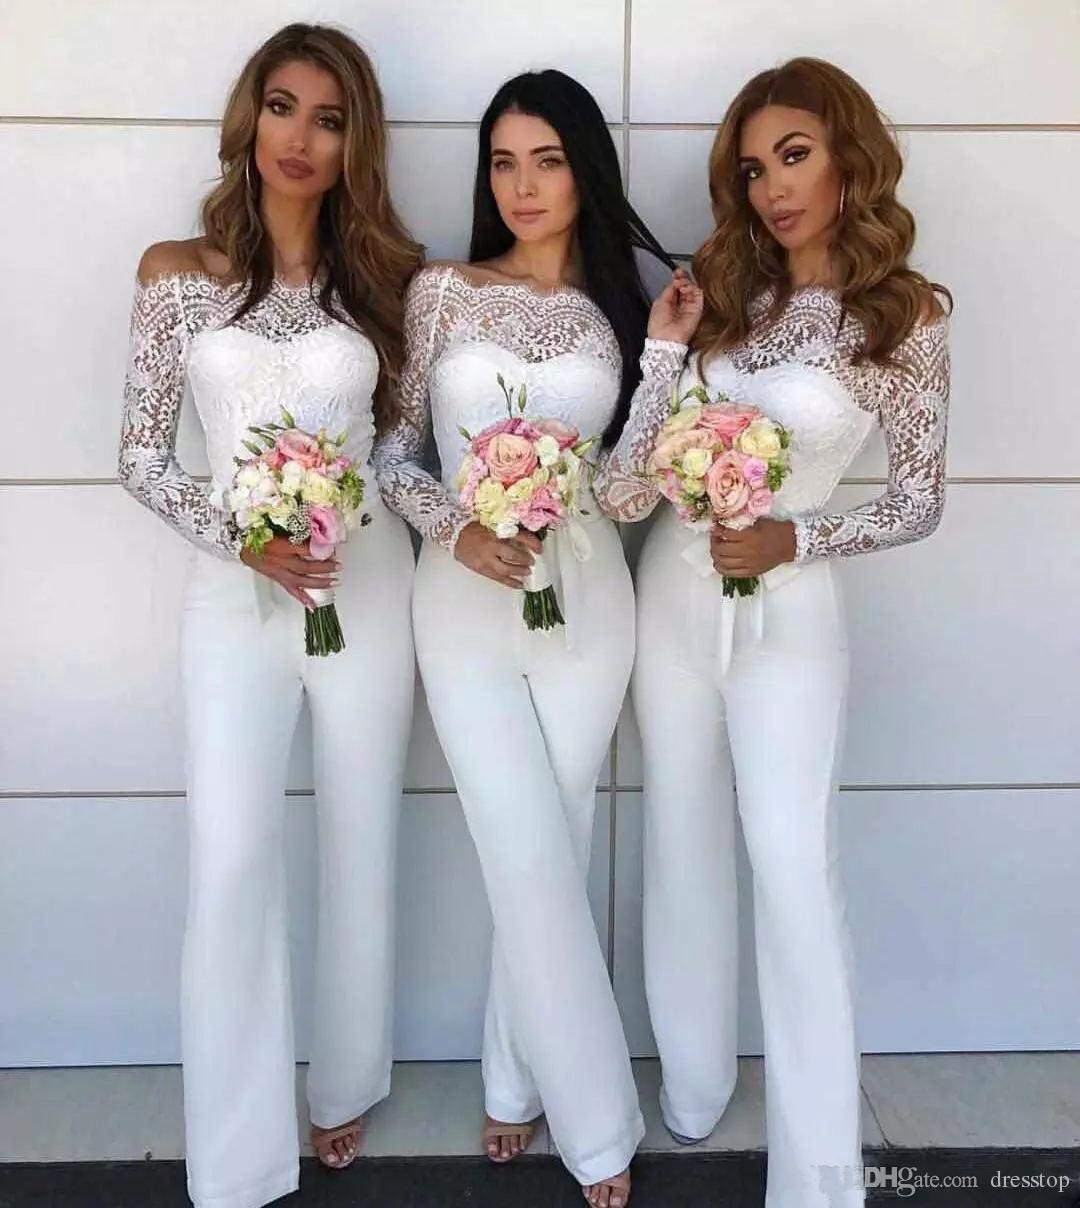 Großhandel Sexy Schulterfrei Hosenanzug Brautjungfernkleider Spitze Langarm  Trauzeugin Kleid Weiß Abendkleider Von Dresstop, 17,17 € Auf De.Dhgate.Com